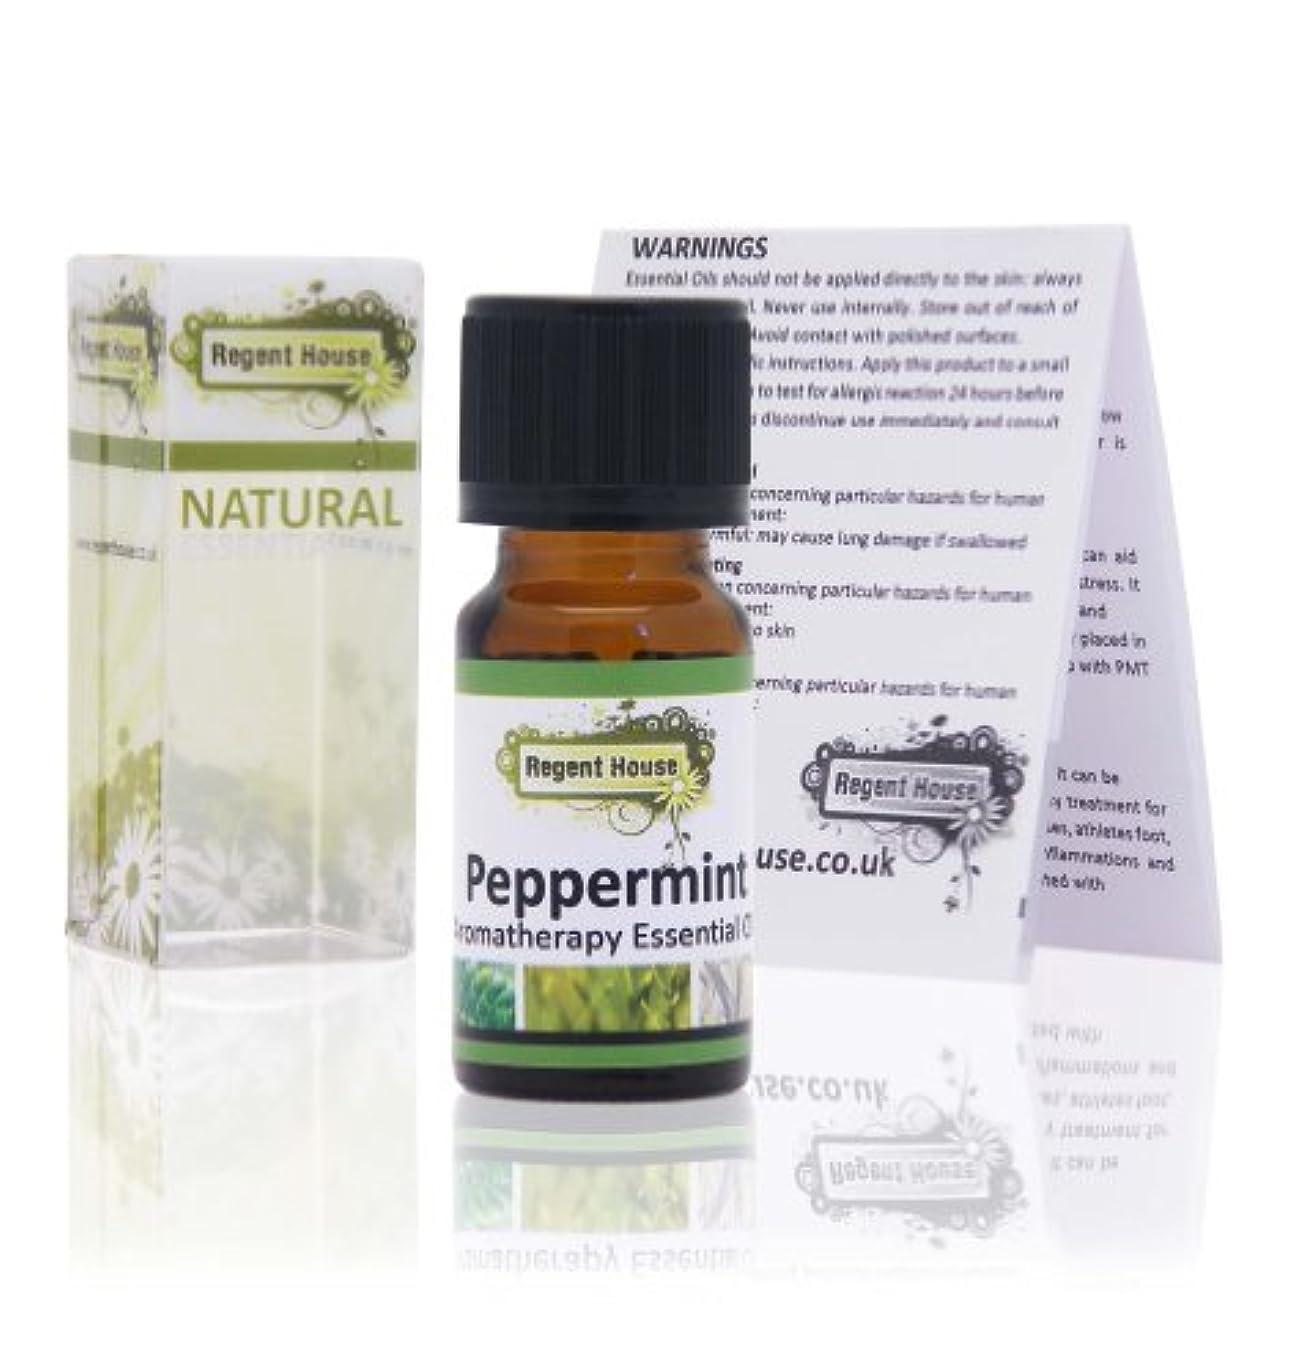 セラー区別警戒ナチュラルエッセンシャルオイル ペパーミント(Peppermint)